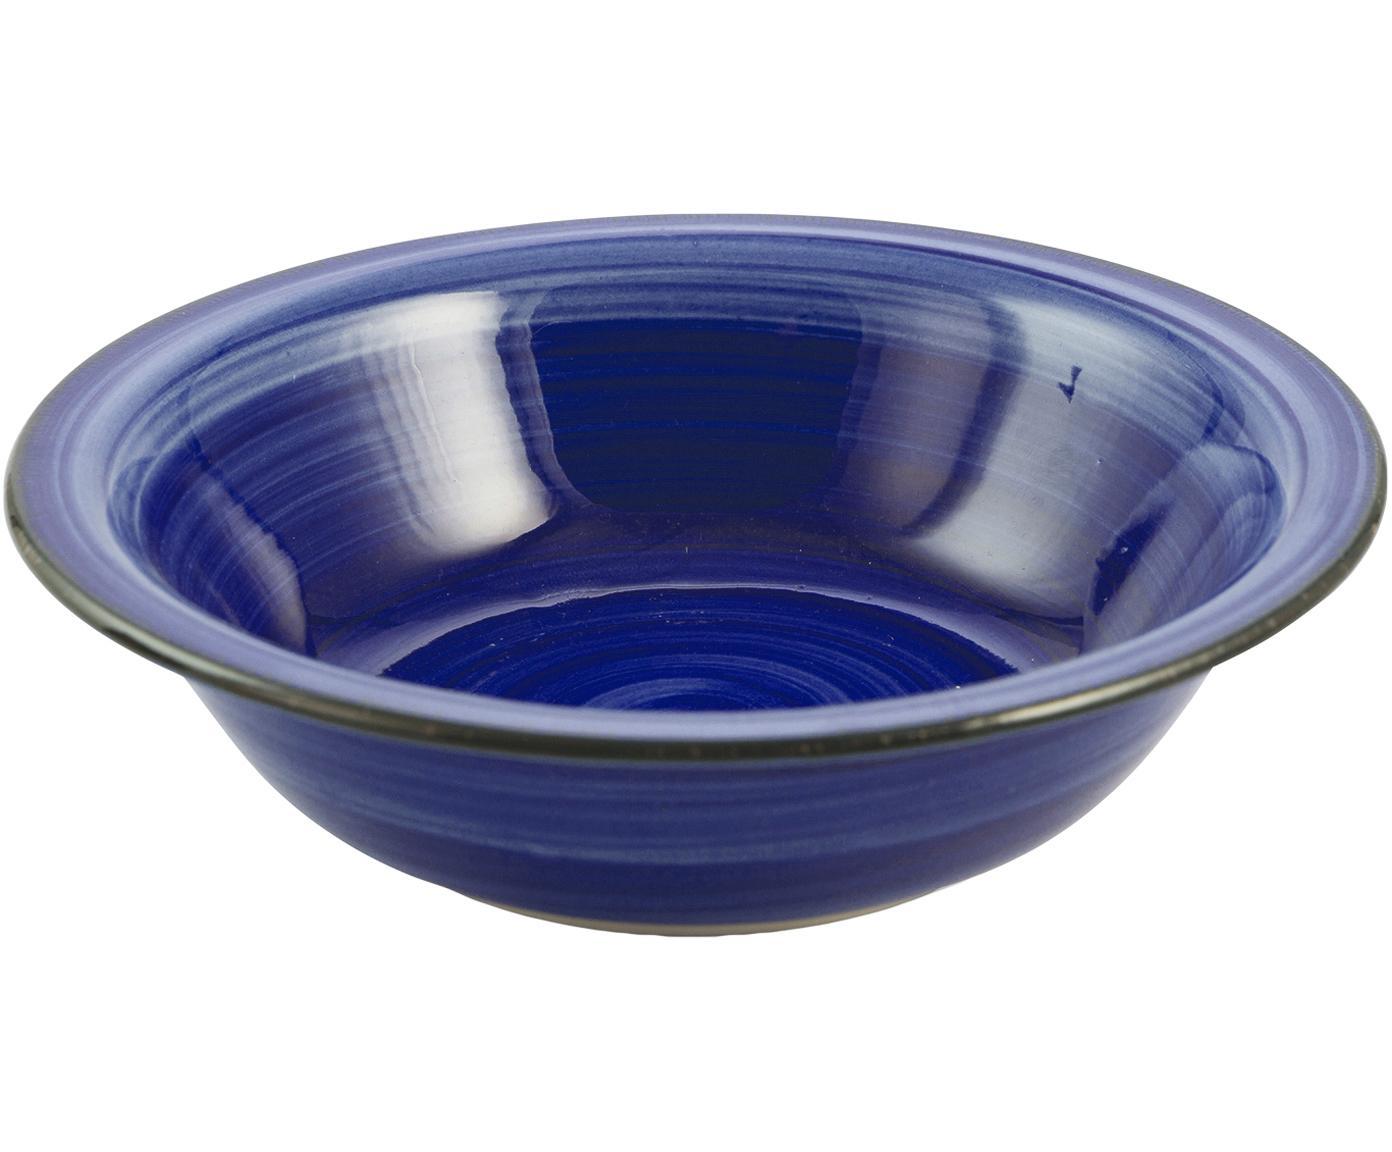 Platos hondo Baita, 6uds., Gres, pintadaamano, Azul, Ø 22 cm